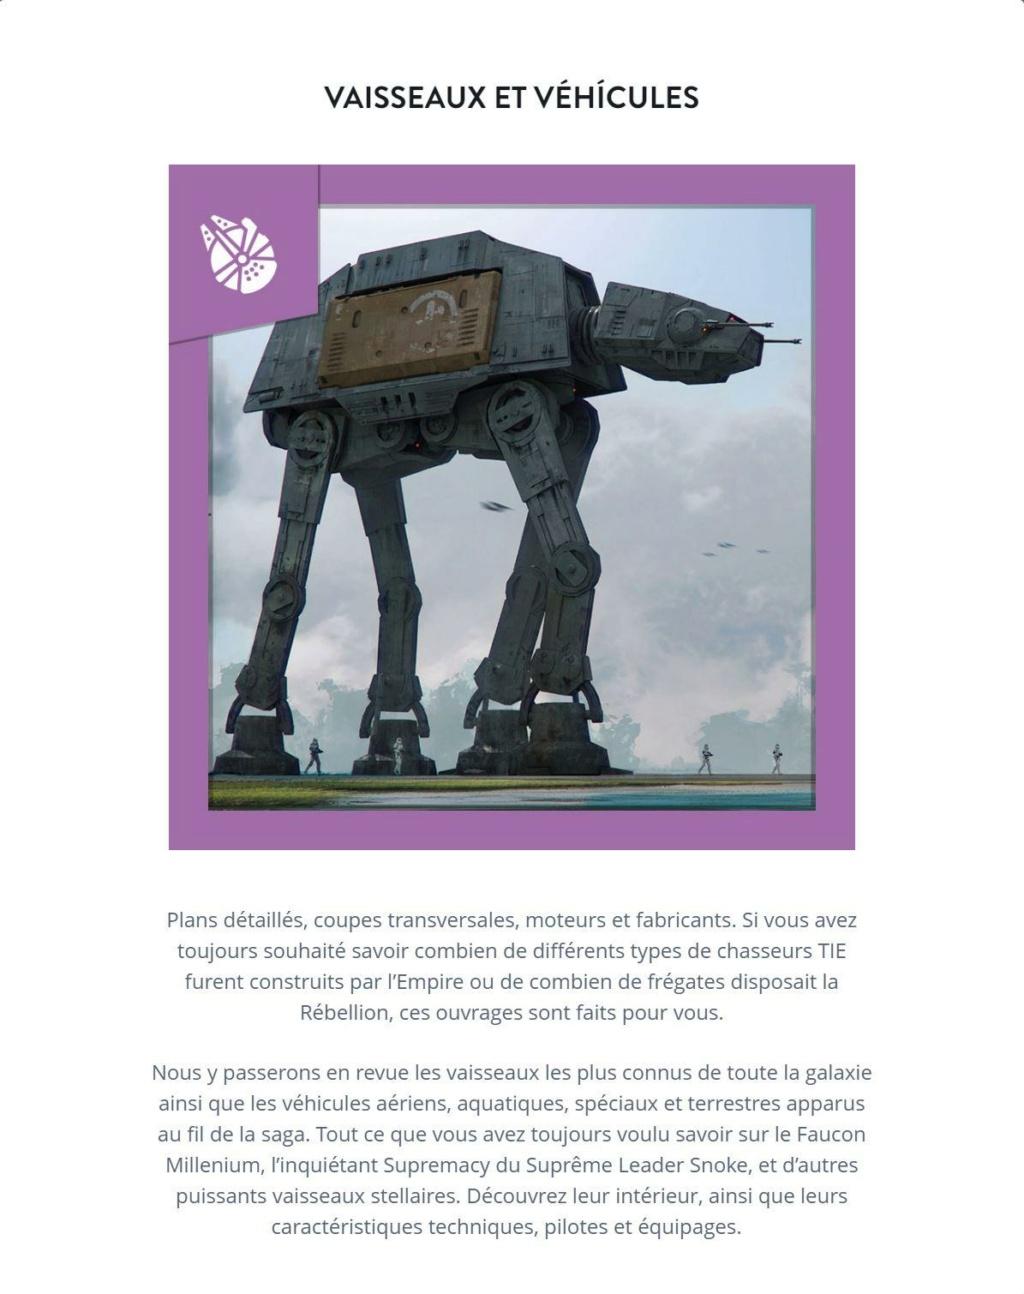 Encyclopédie Star Wars - Altaya 1320